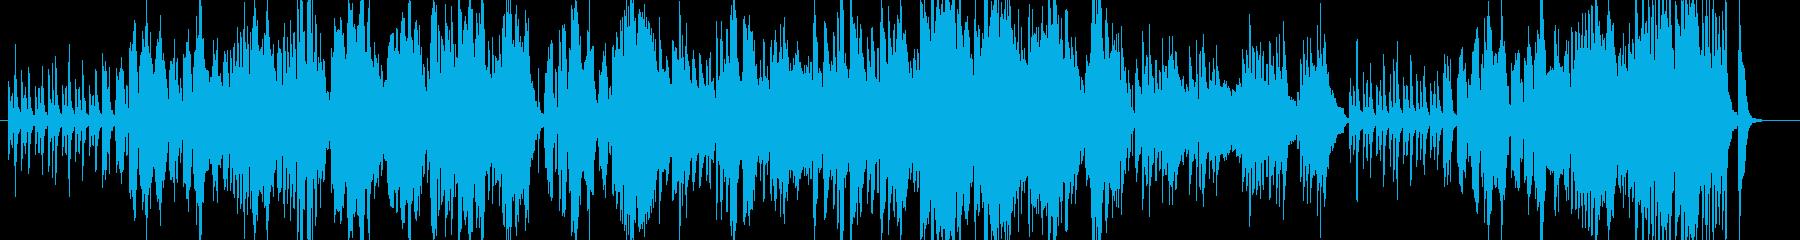 泡の音がとてもキュートなポップスの再生済みの波形